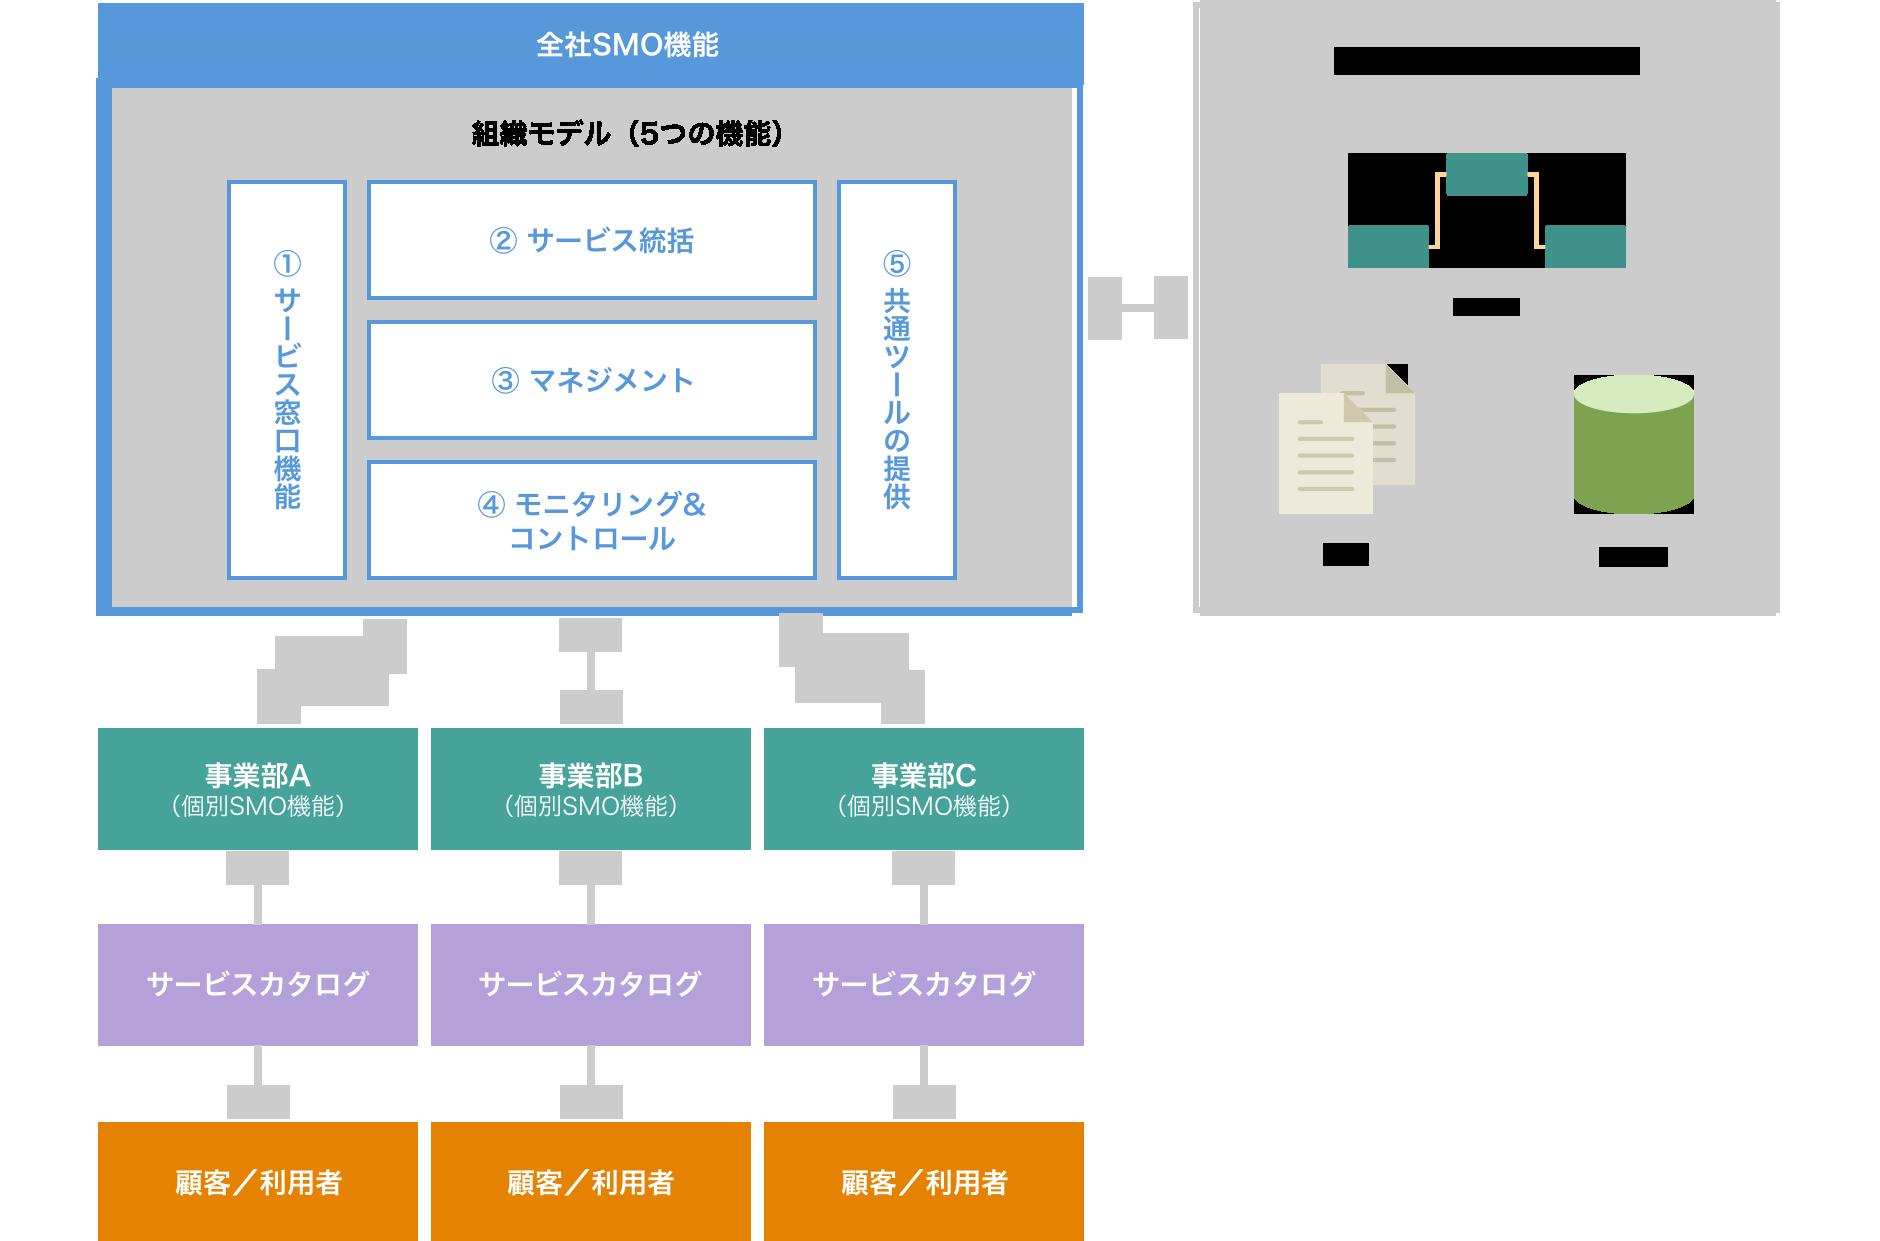 デジタルビジネス運営組織設計